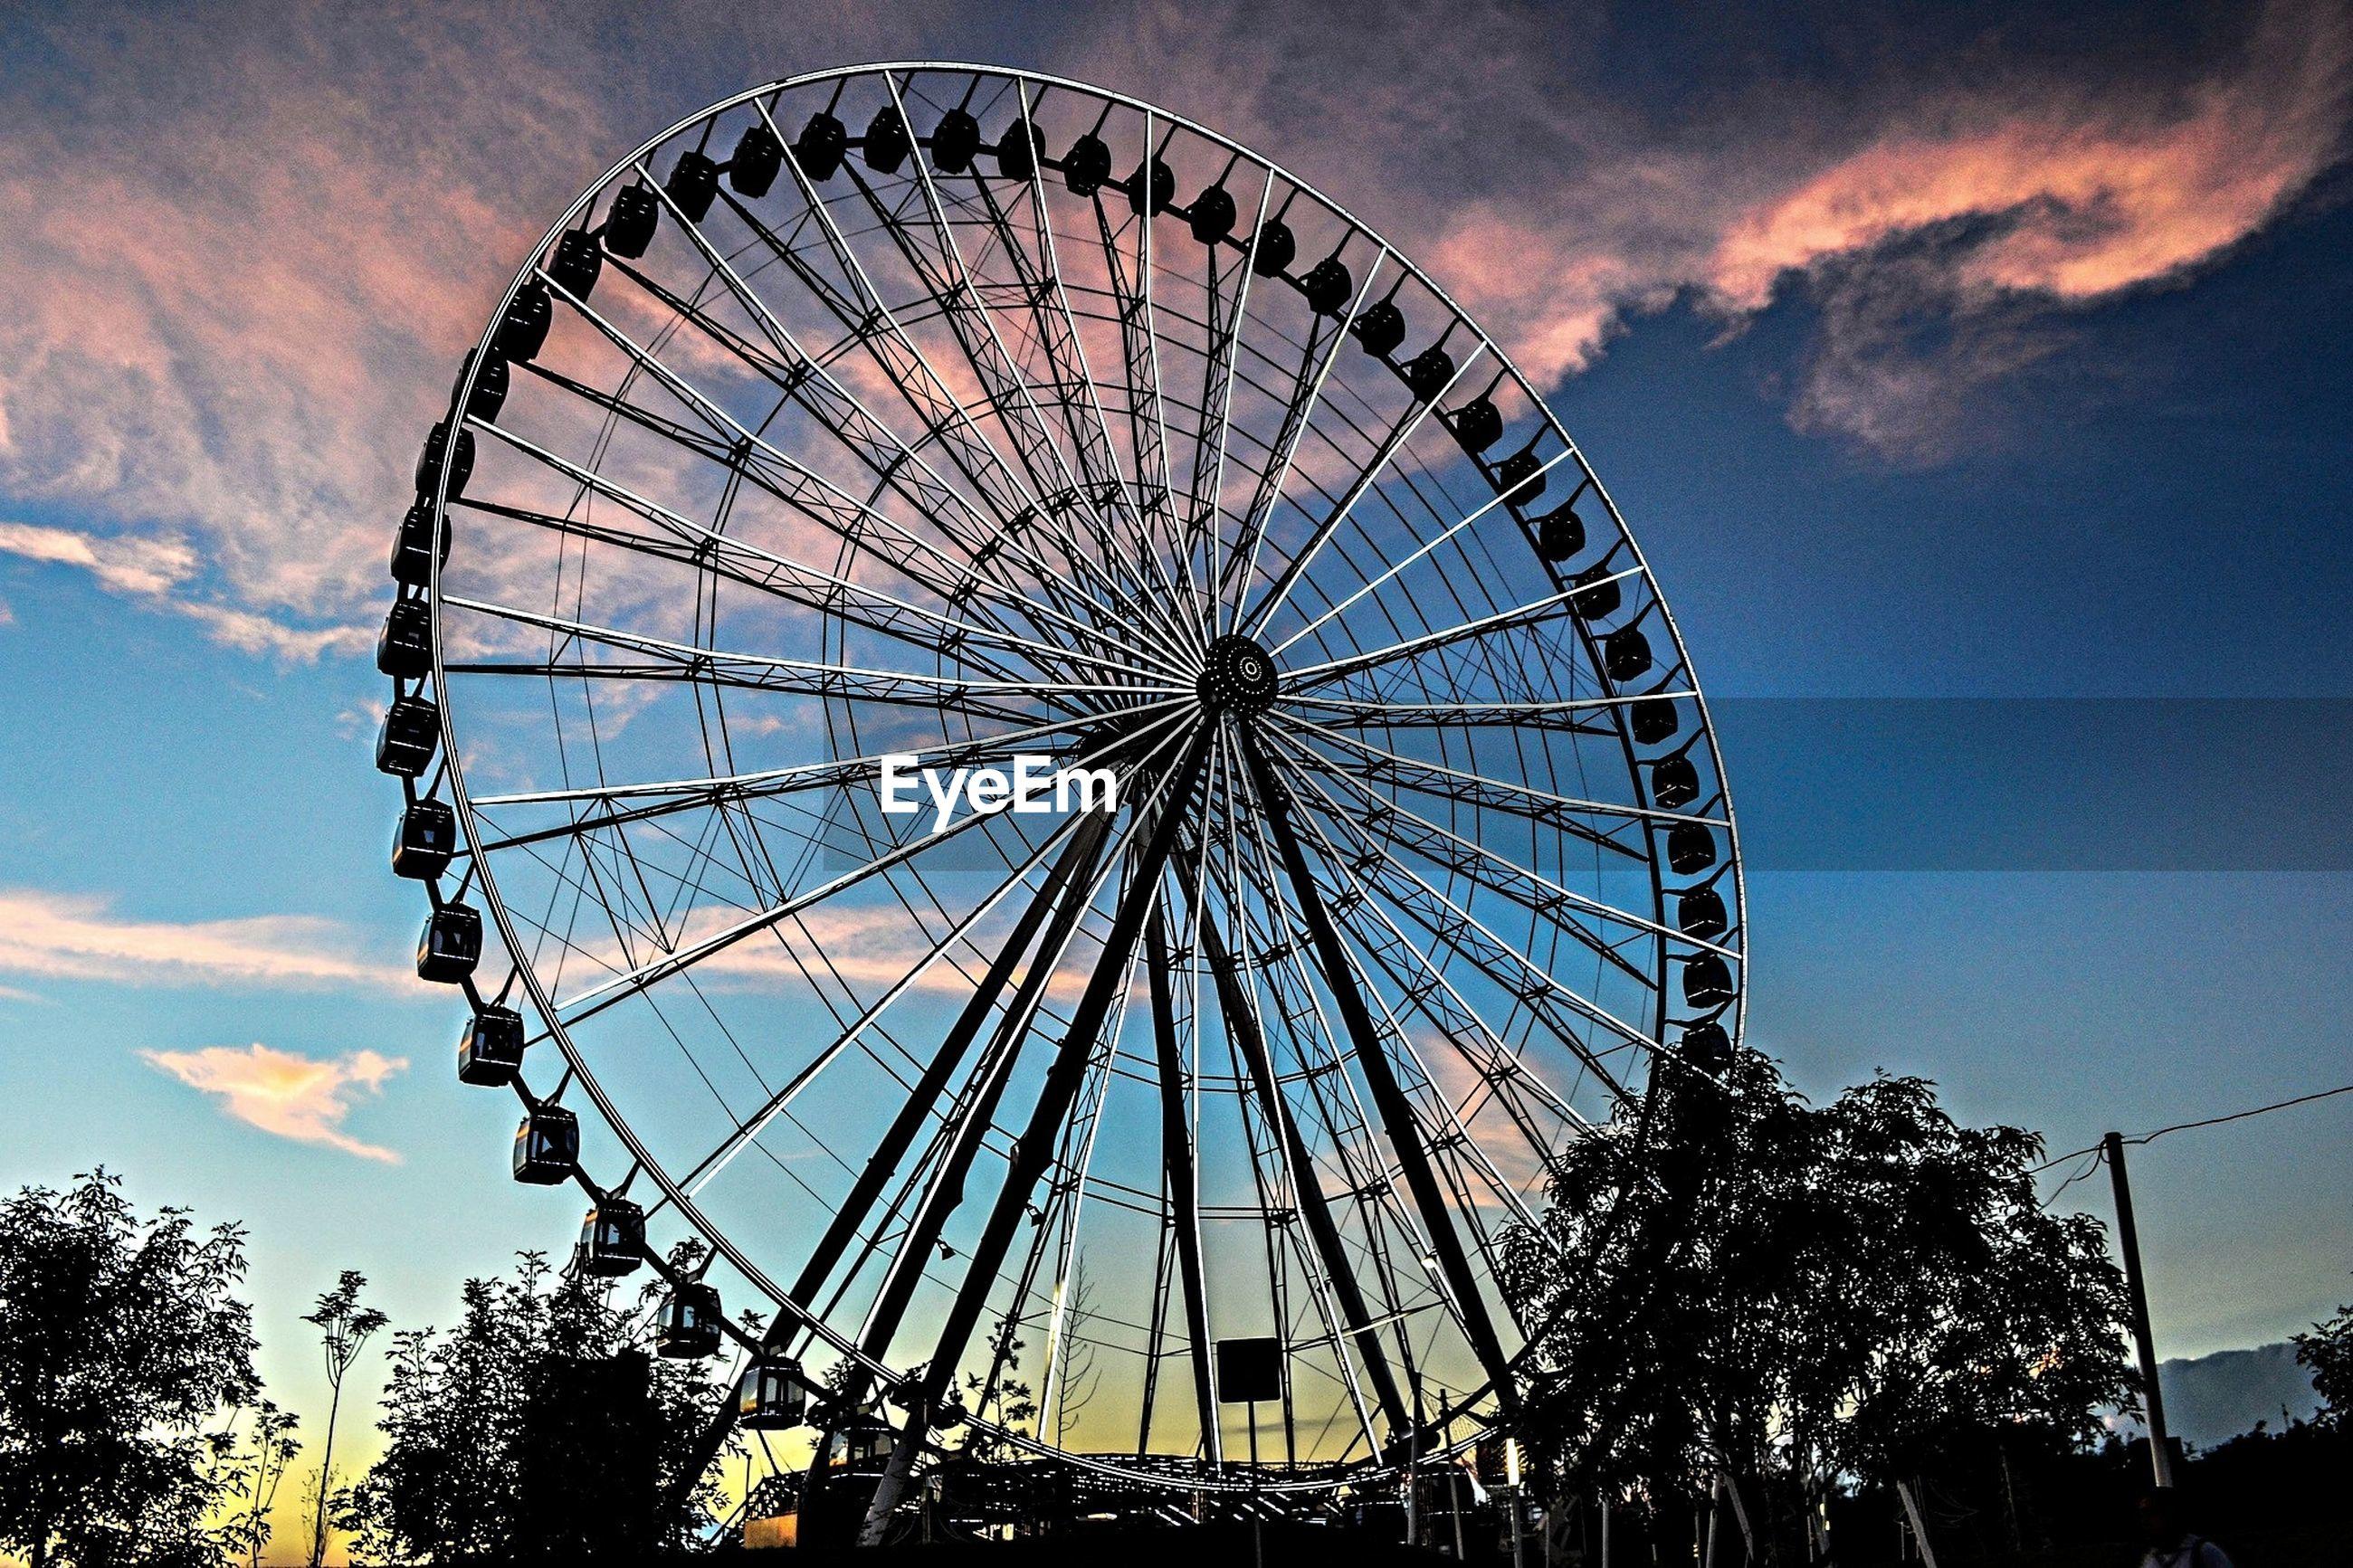 ferris wheel, amusement park, amusement park ride, arts culture and entertainment, low angle view, sky, cloud - sky, big wheel, silhouette, fun, large, enjoyment, cloud, fairground, fairground ride, outdoors, built structure, leisure activity, dusk, circle